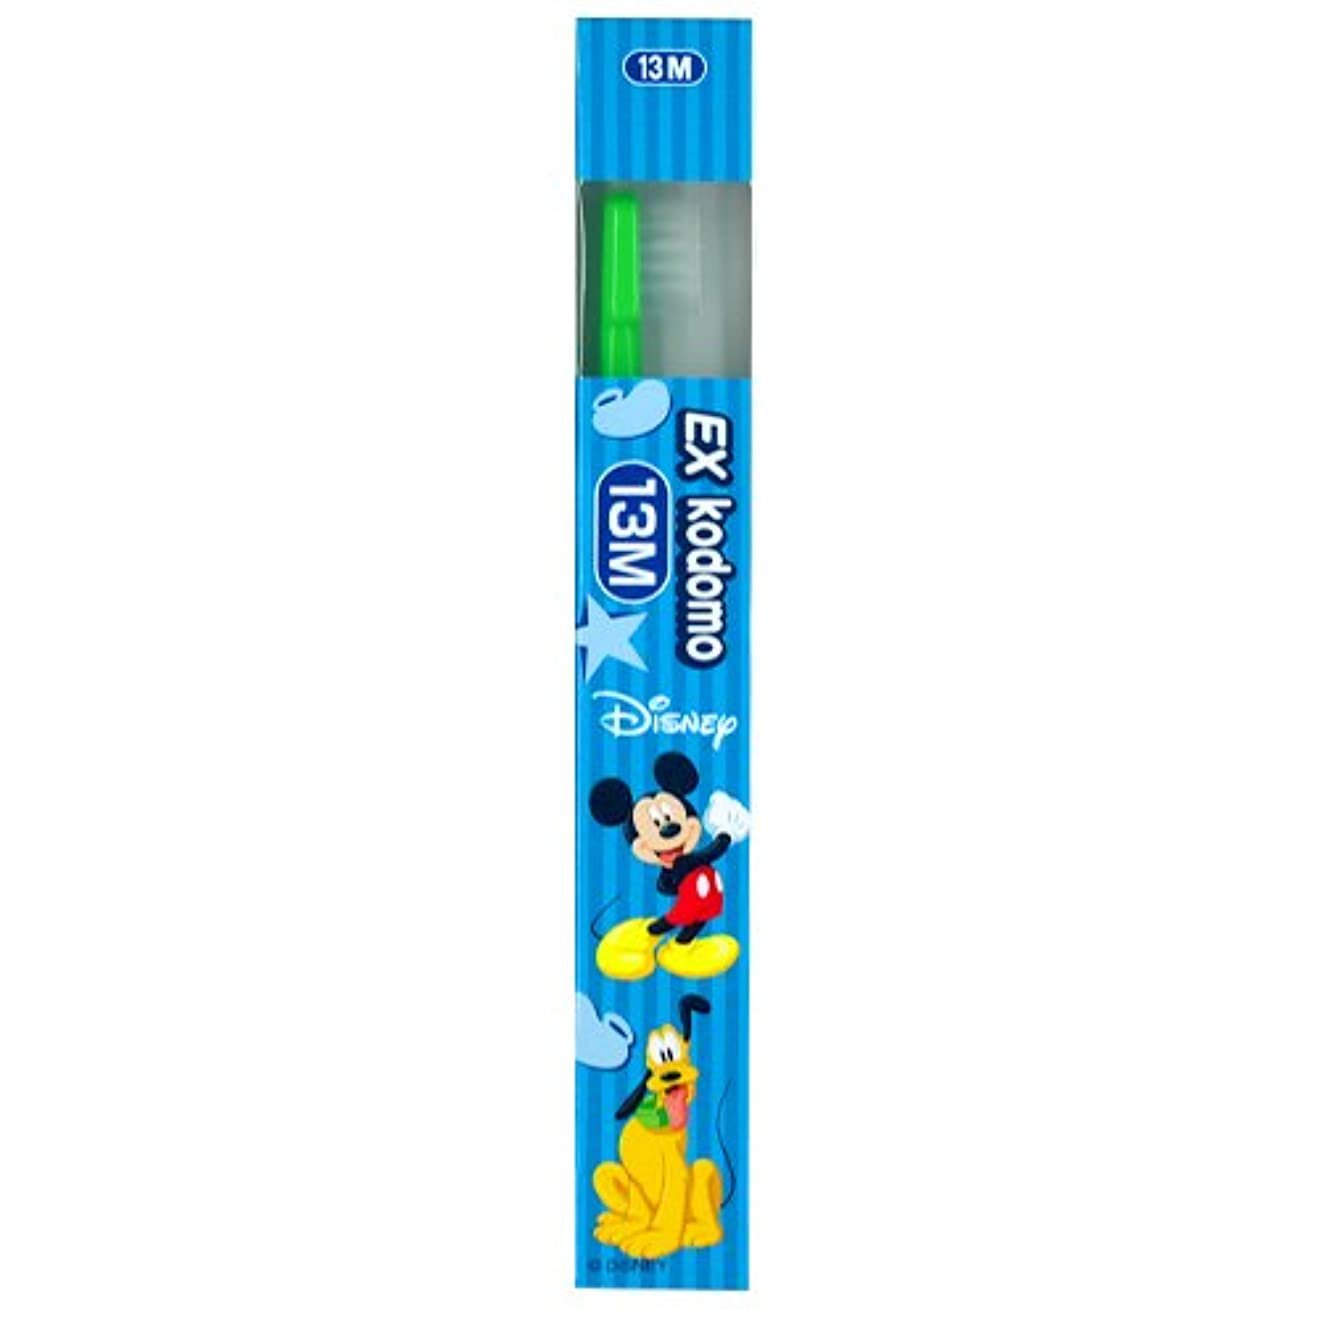 気づくなる政府船尾ライオン EX kodomo ディズニー 歯ブラシ 1本 13M グリーン